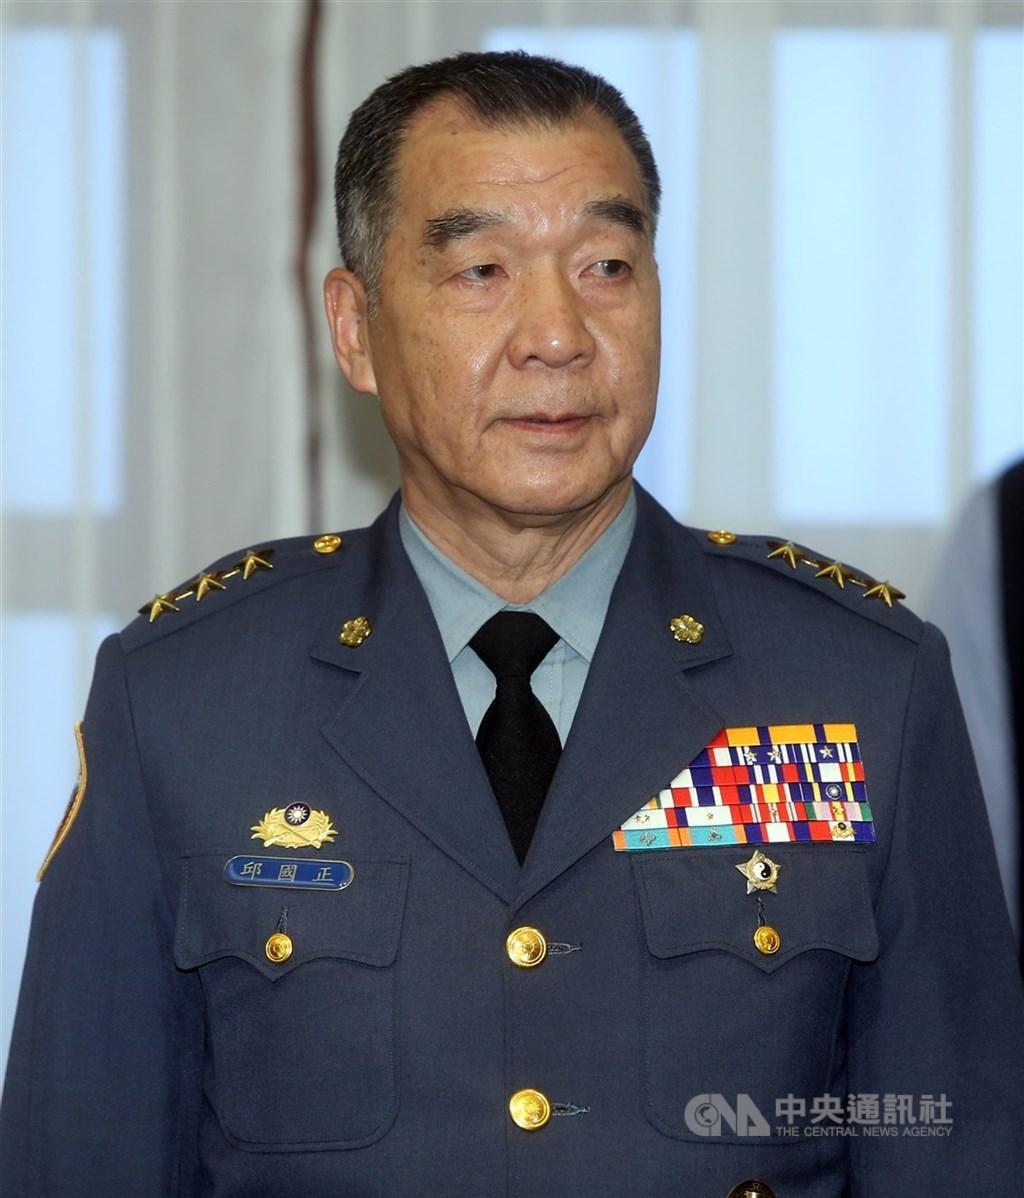 國家安全局長邱國正將接任國防部長;軍方人士21日表示,23日將在國防部舉行布達及交接典禮。(中央社檔案照片)